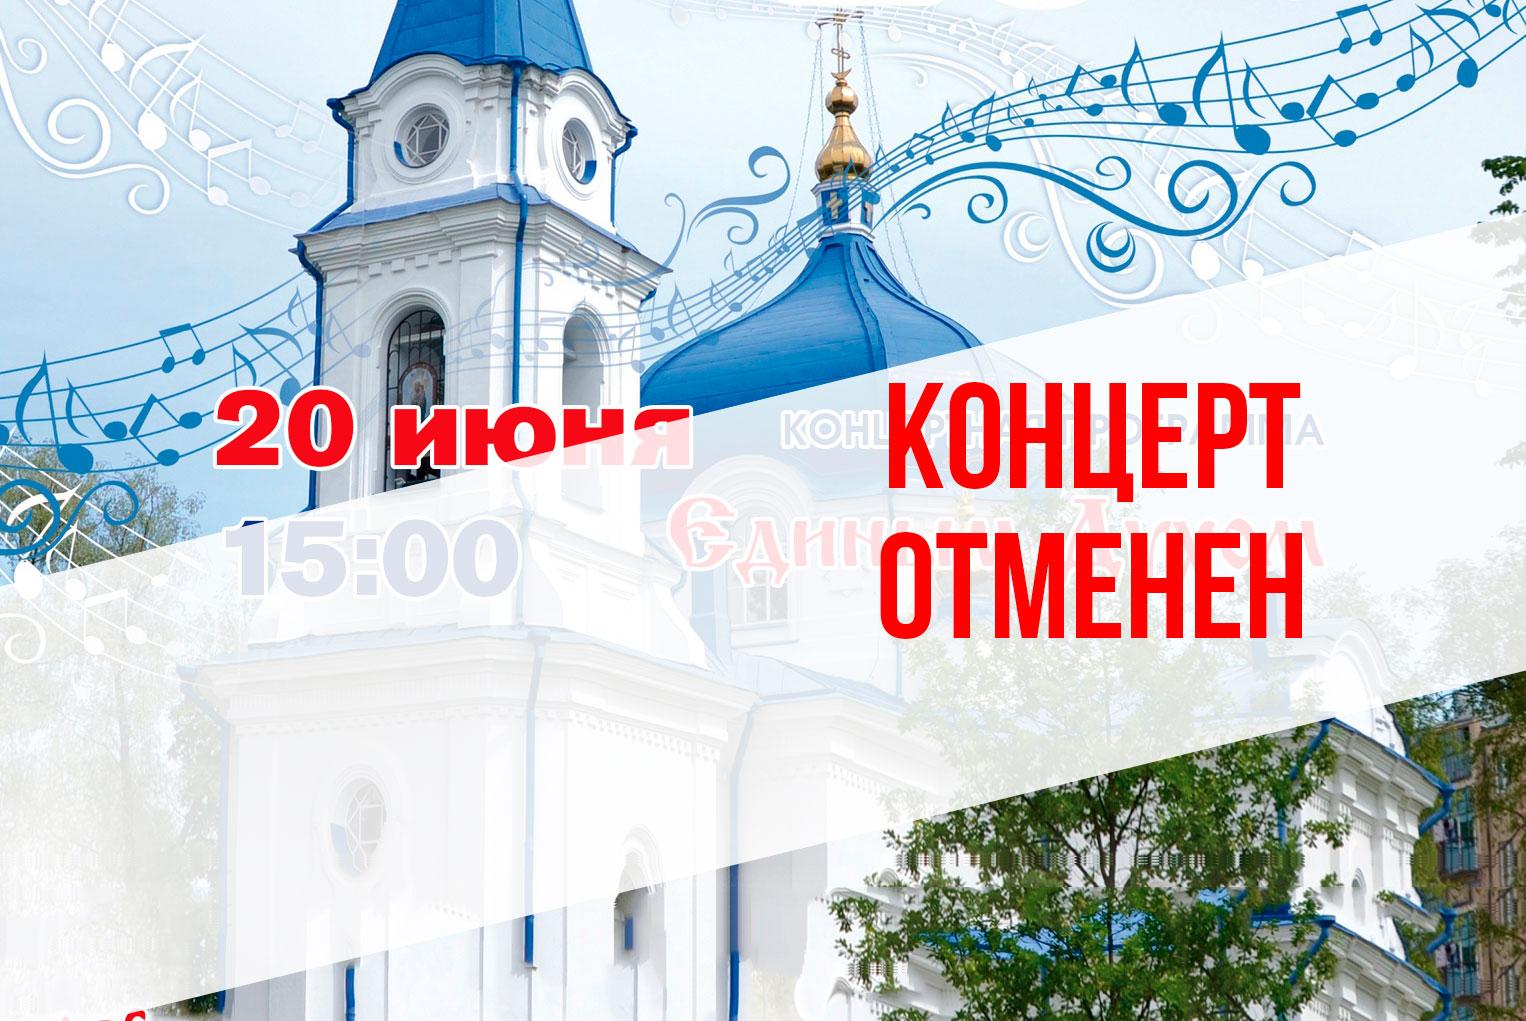 <p>Внимание! Информируем об отмене концертной программы «Единым Духом».</p>